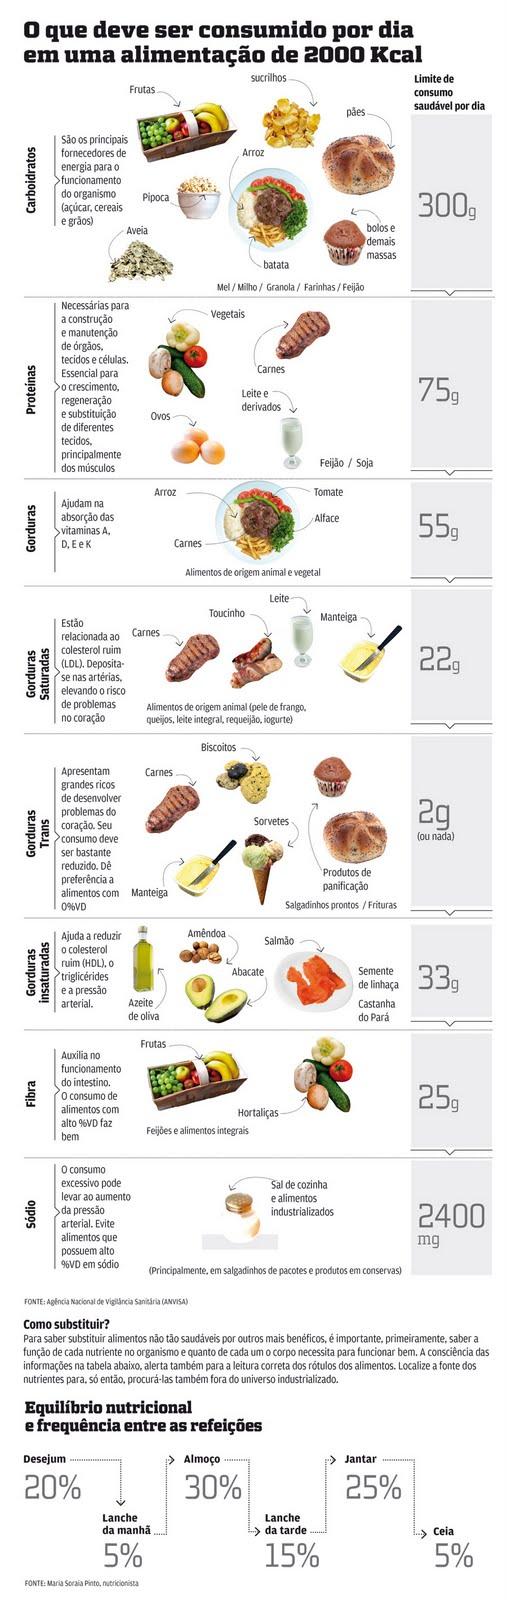 Desafio Emagrecer: O segredo está na substituição dos alimentos